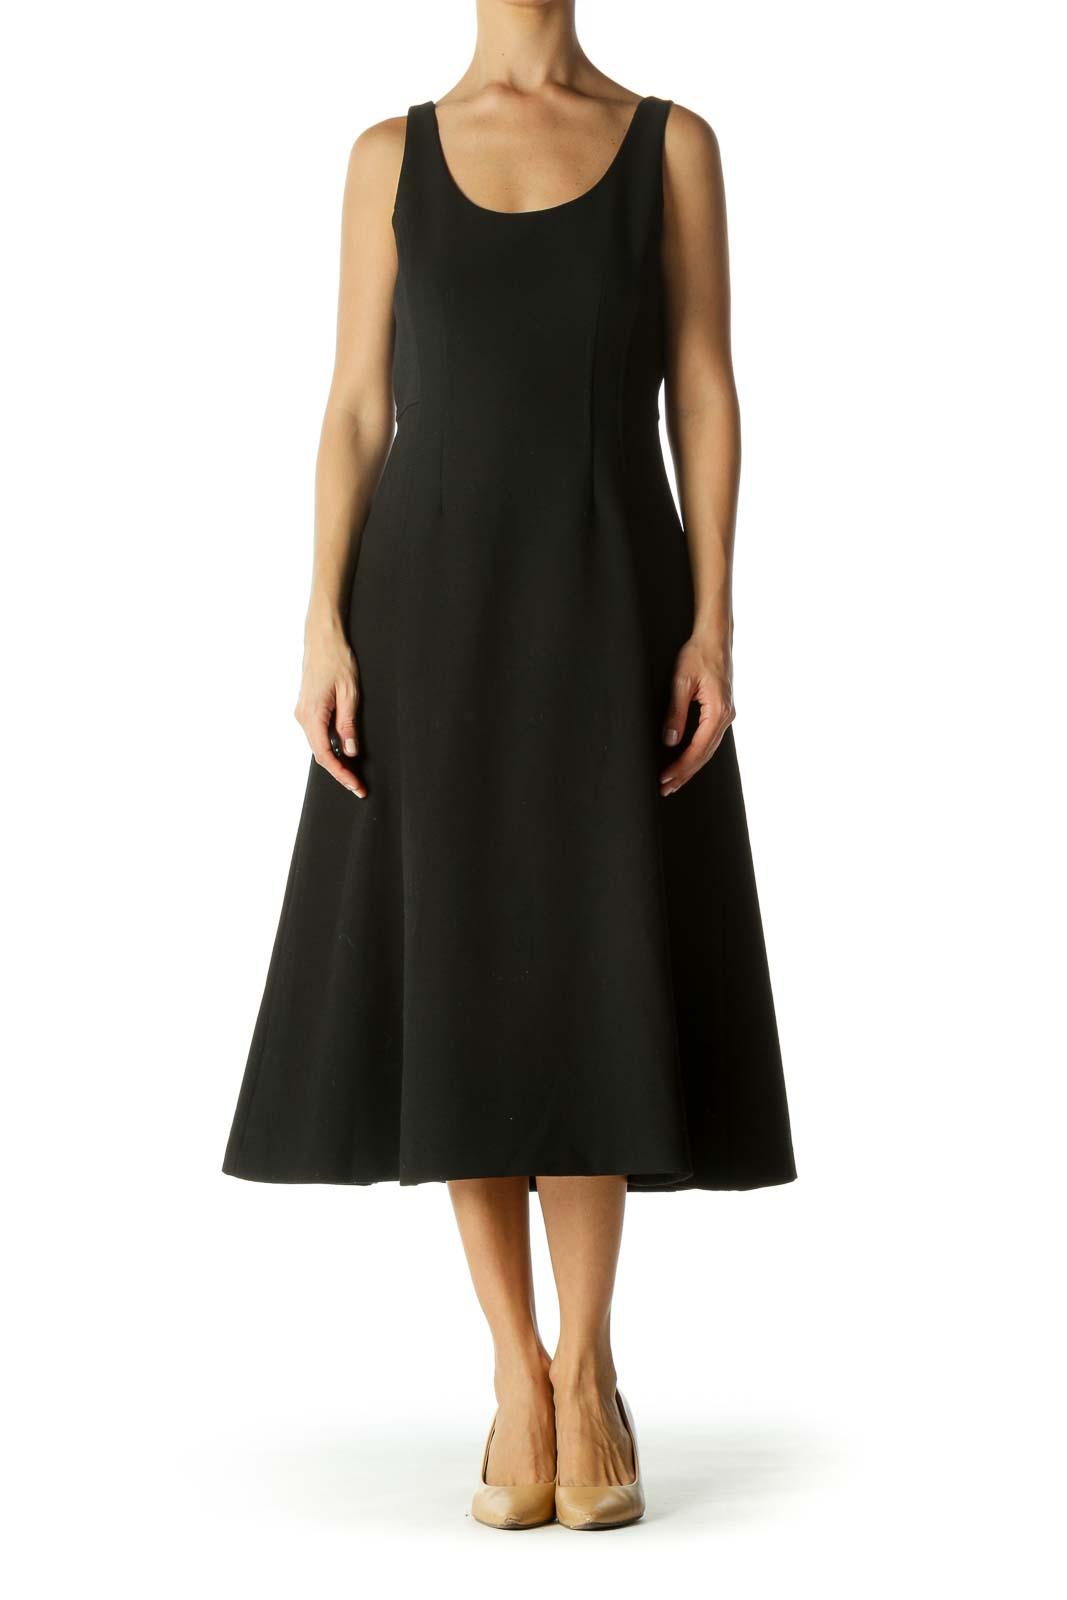 Black Round Neck Textured Medium-Weight Stretch A-Line Dress